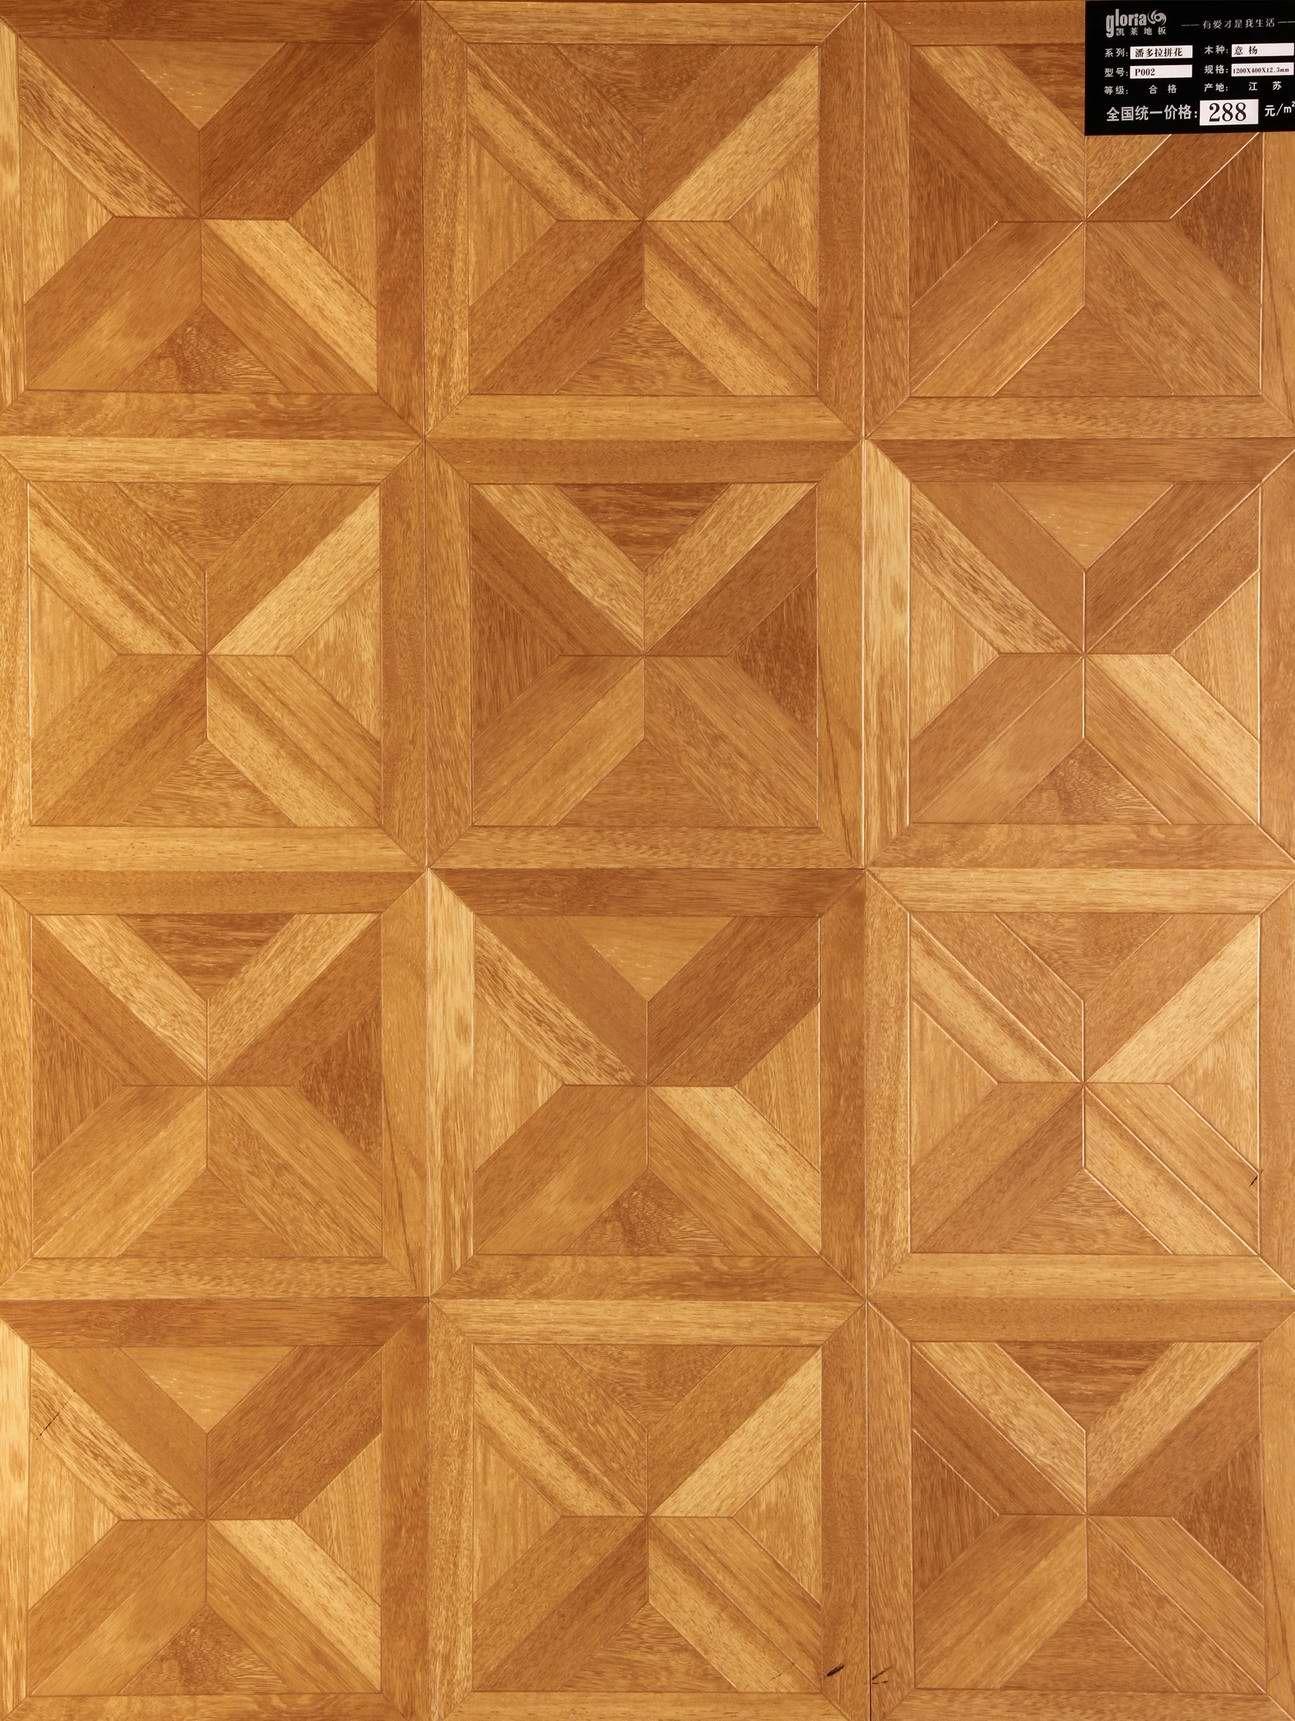 Parquet floor styles parquet flooring p002 barquet floor parquet floor styles parquet flooring p002 doublecrazyfo Images